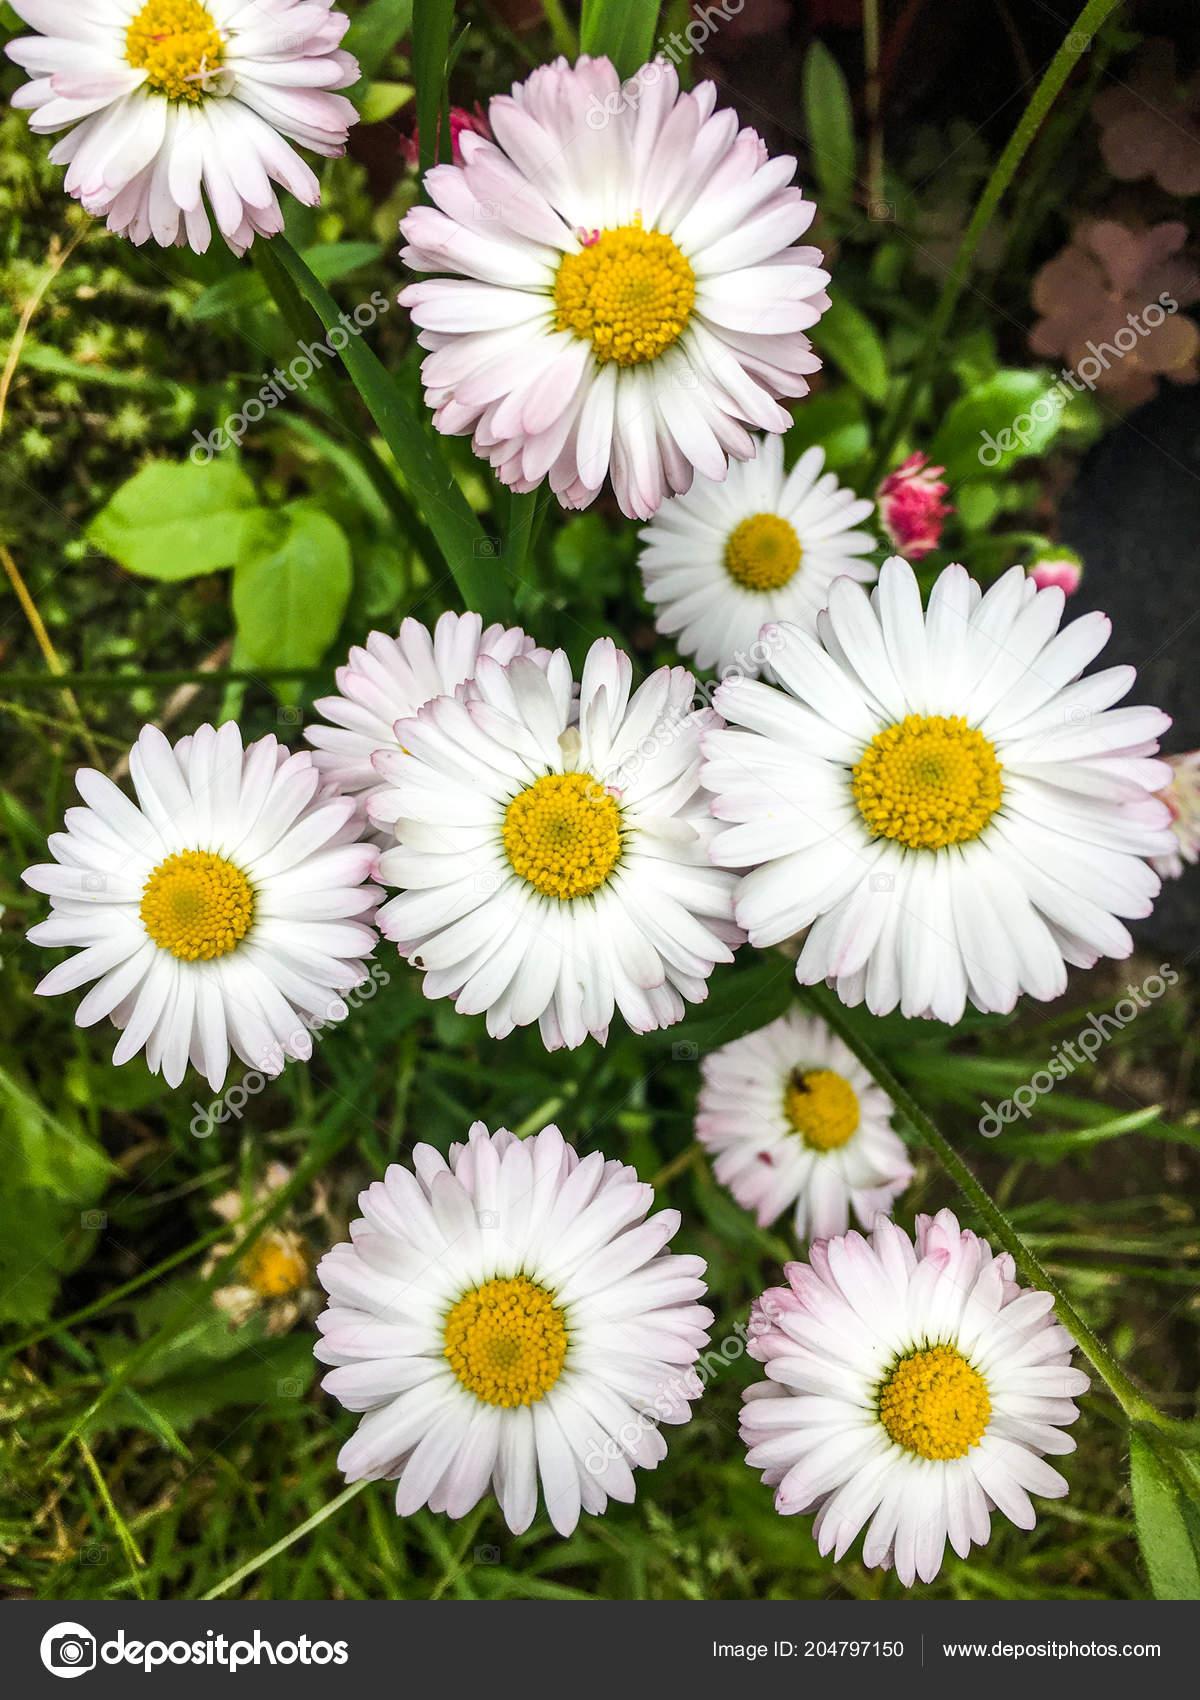 White wild daisies green meadow stock photo ozaiachinn 204797150 white wild daisies green meadow stock photo izmirmasajfo